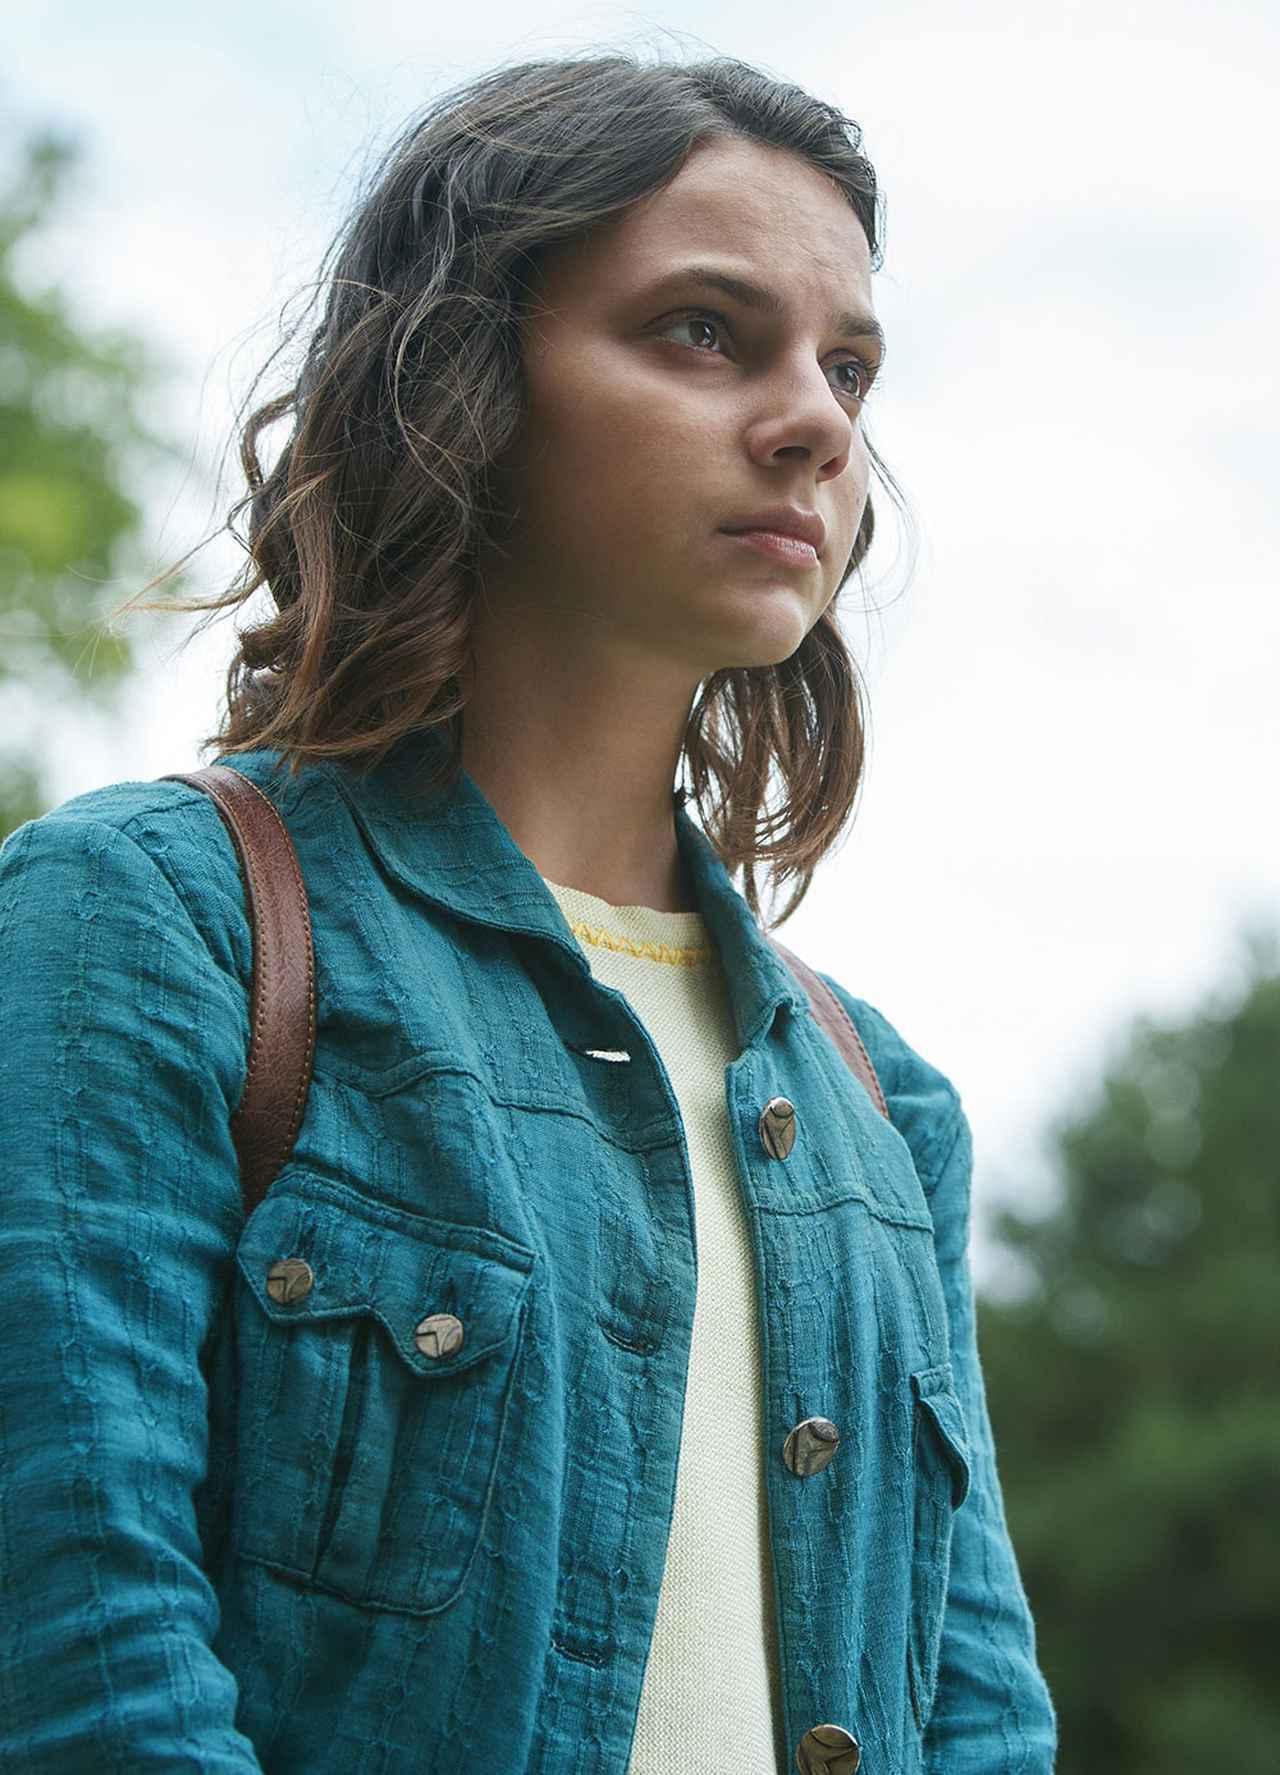 画像3: HBO®×BBC大ヒットファンタジードラマ 待望のシーズン2がいよいよ開始!【スターチャンネル×SCREEN気になる特集】